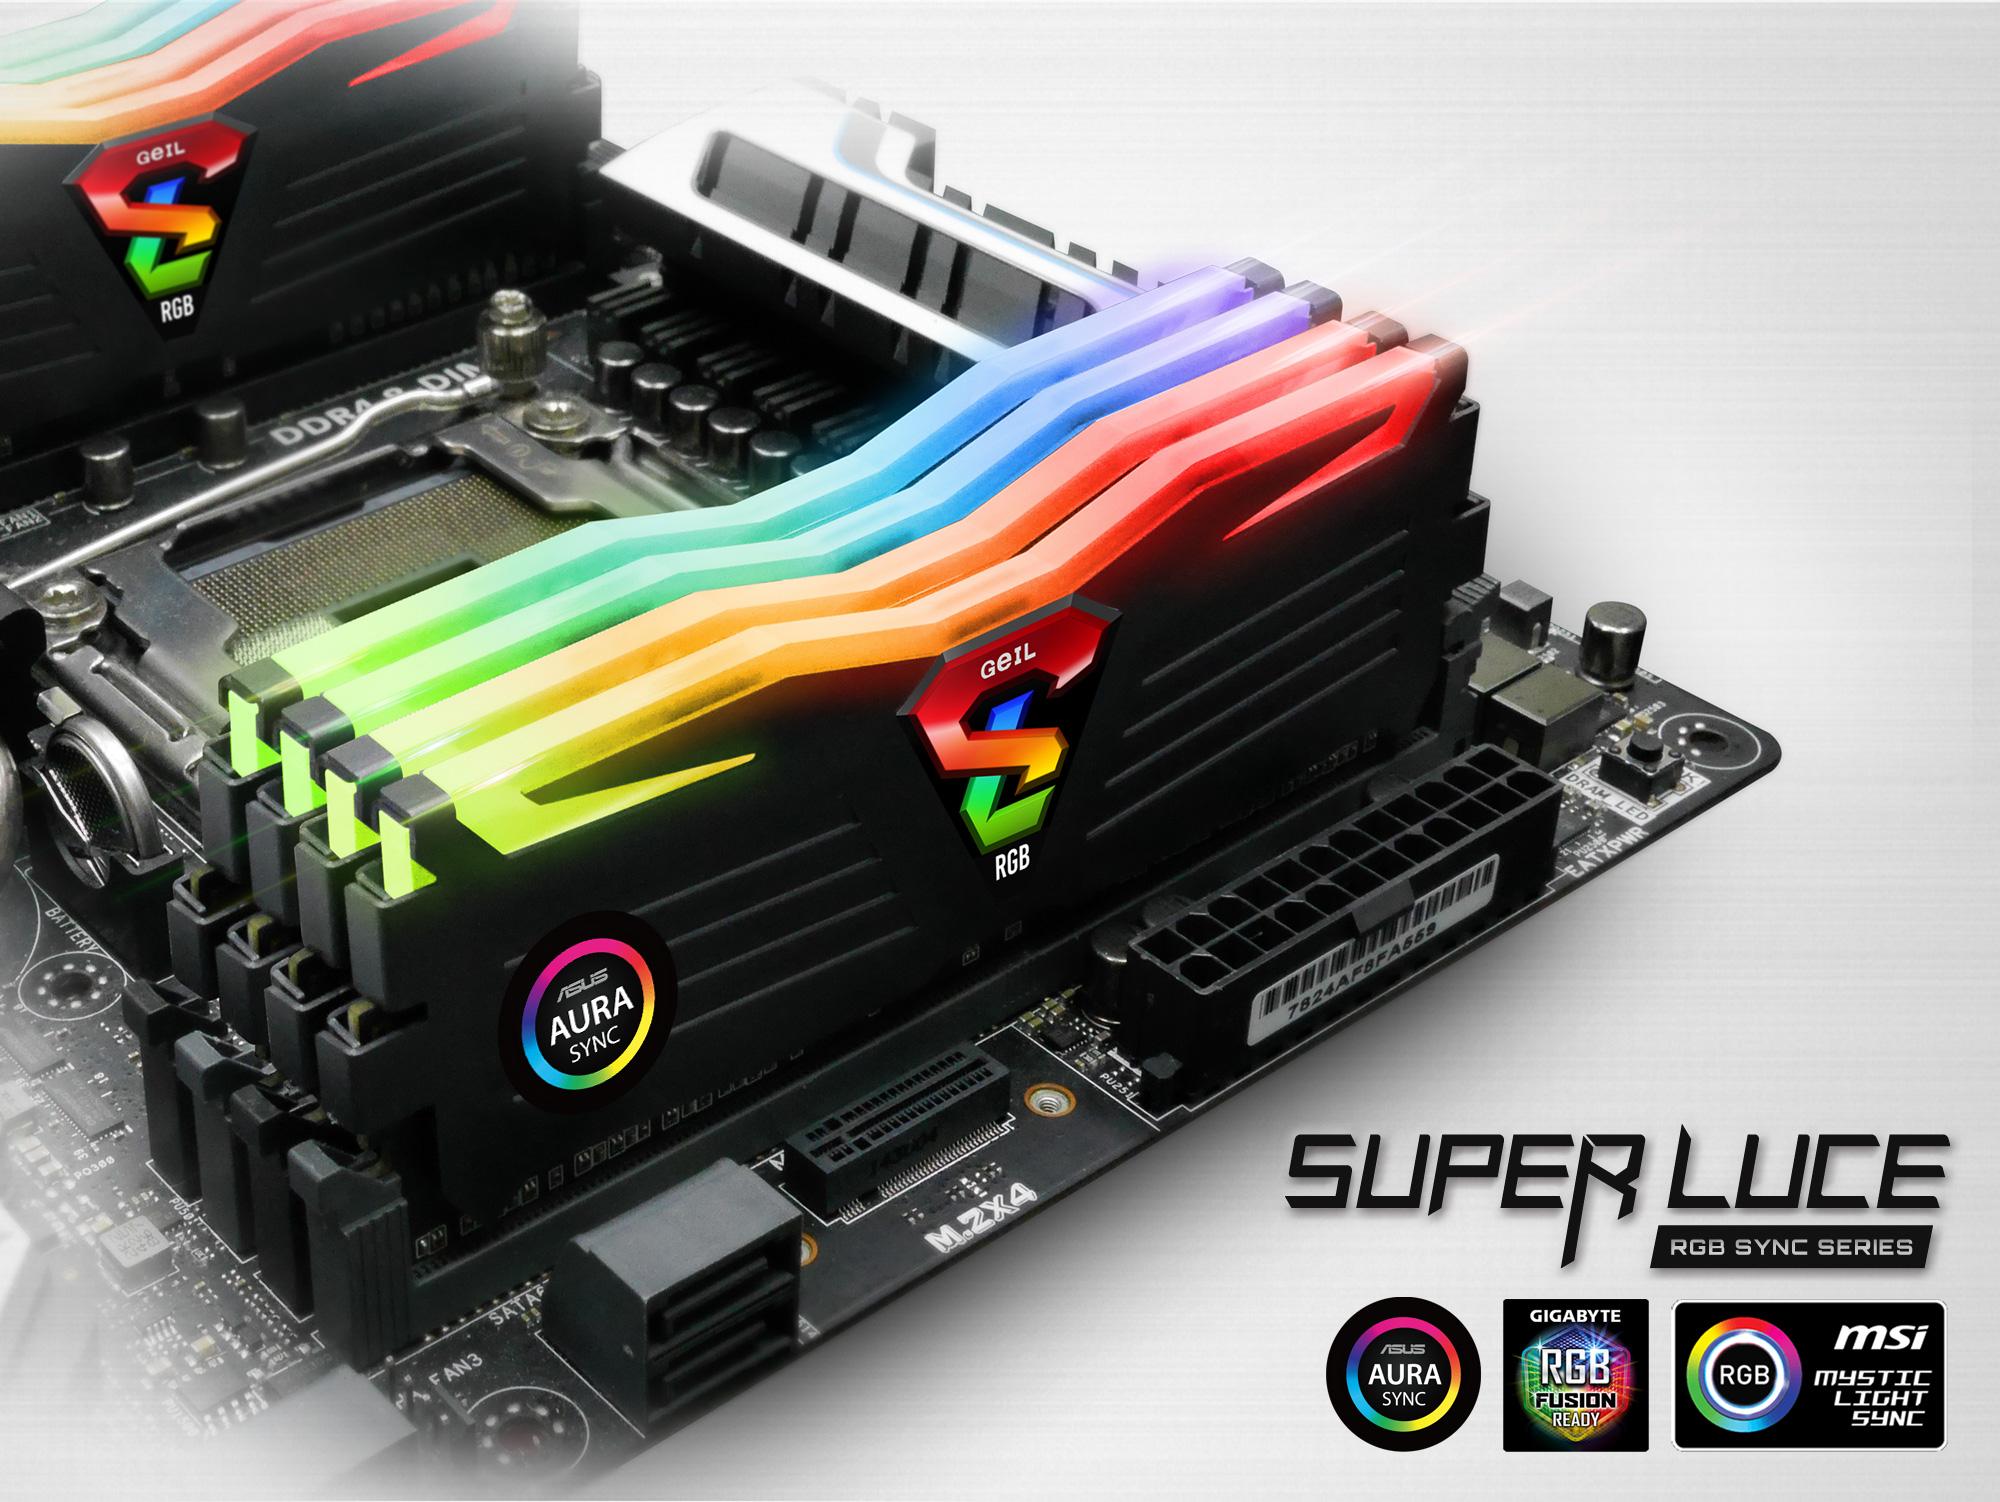 Ram GEIL 16GB (2x8GB) DDR4 3000MHz SUPER LUCE RGB